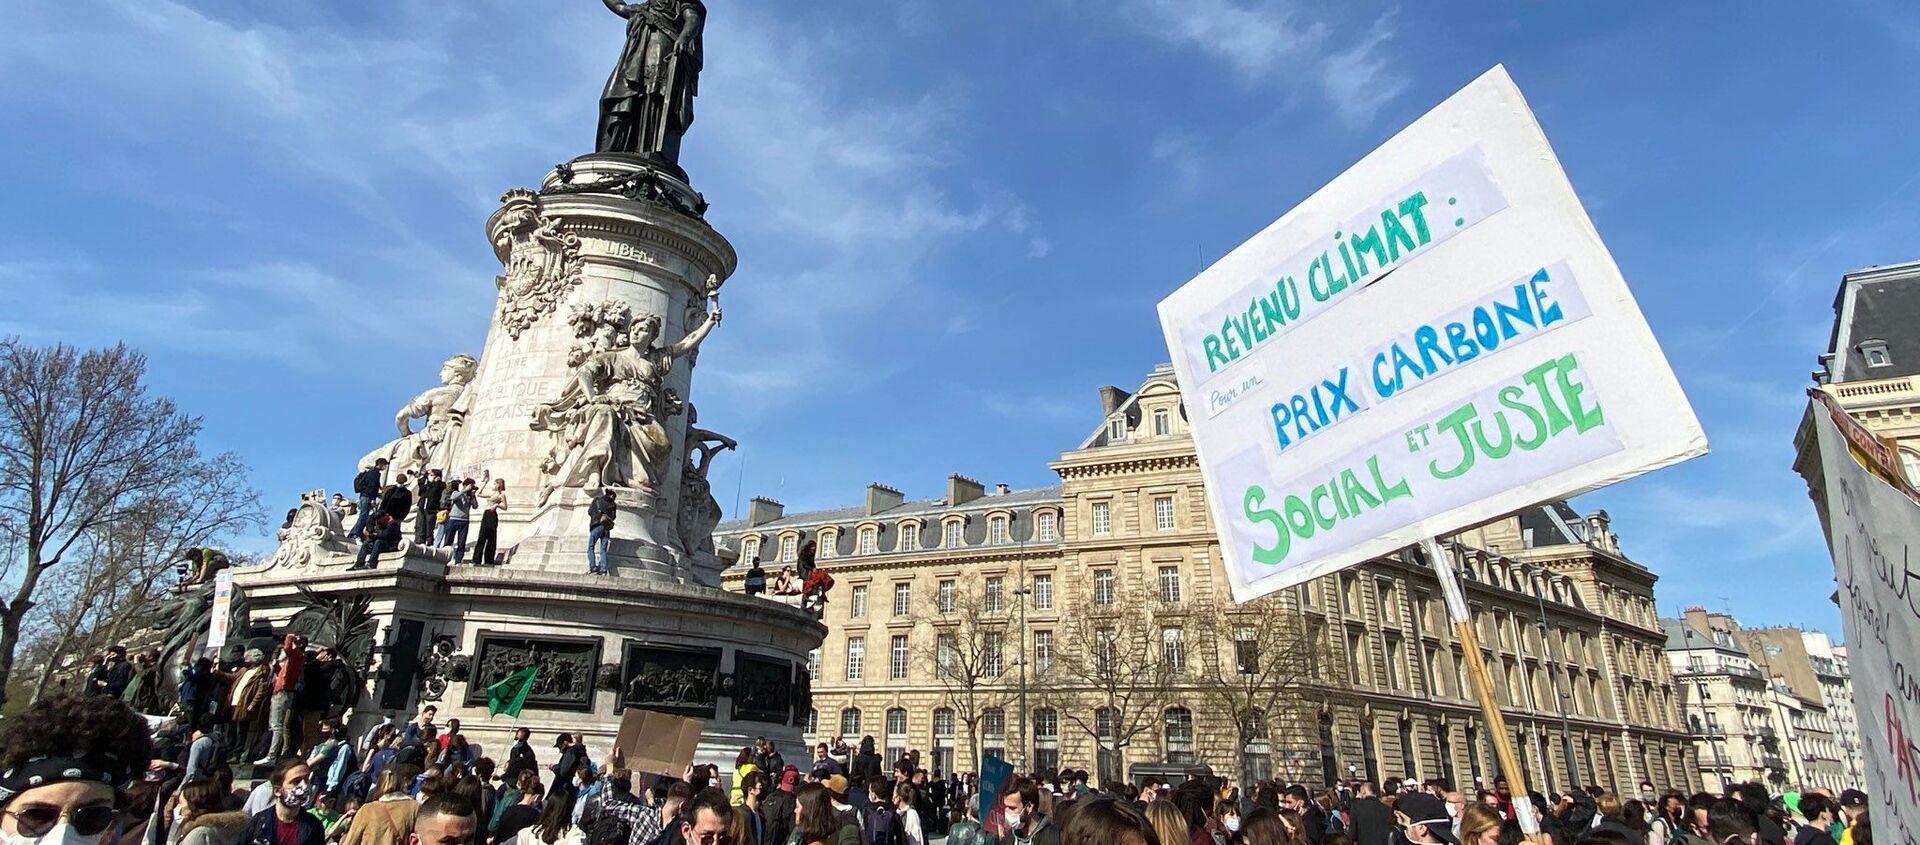 Mobilisation écologiste à Paris: marche pour une «vraie» loi Climat, 28 mars 2021 - Sputnik France, 1920, 20.07.2021